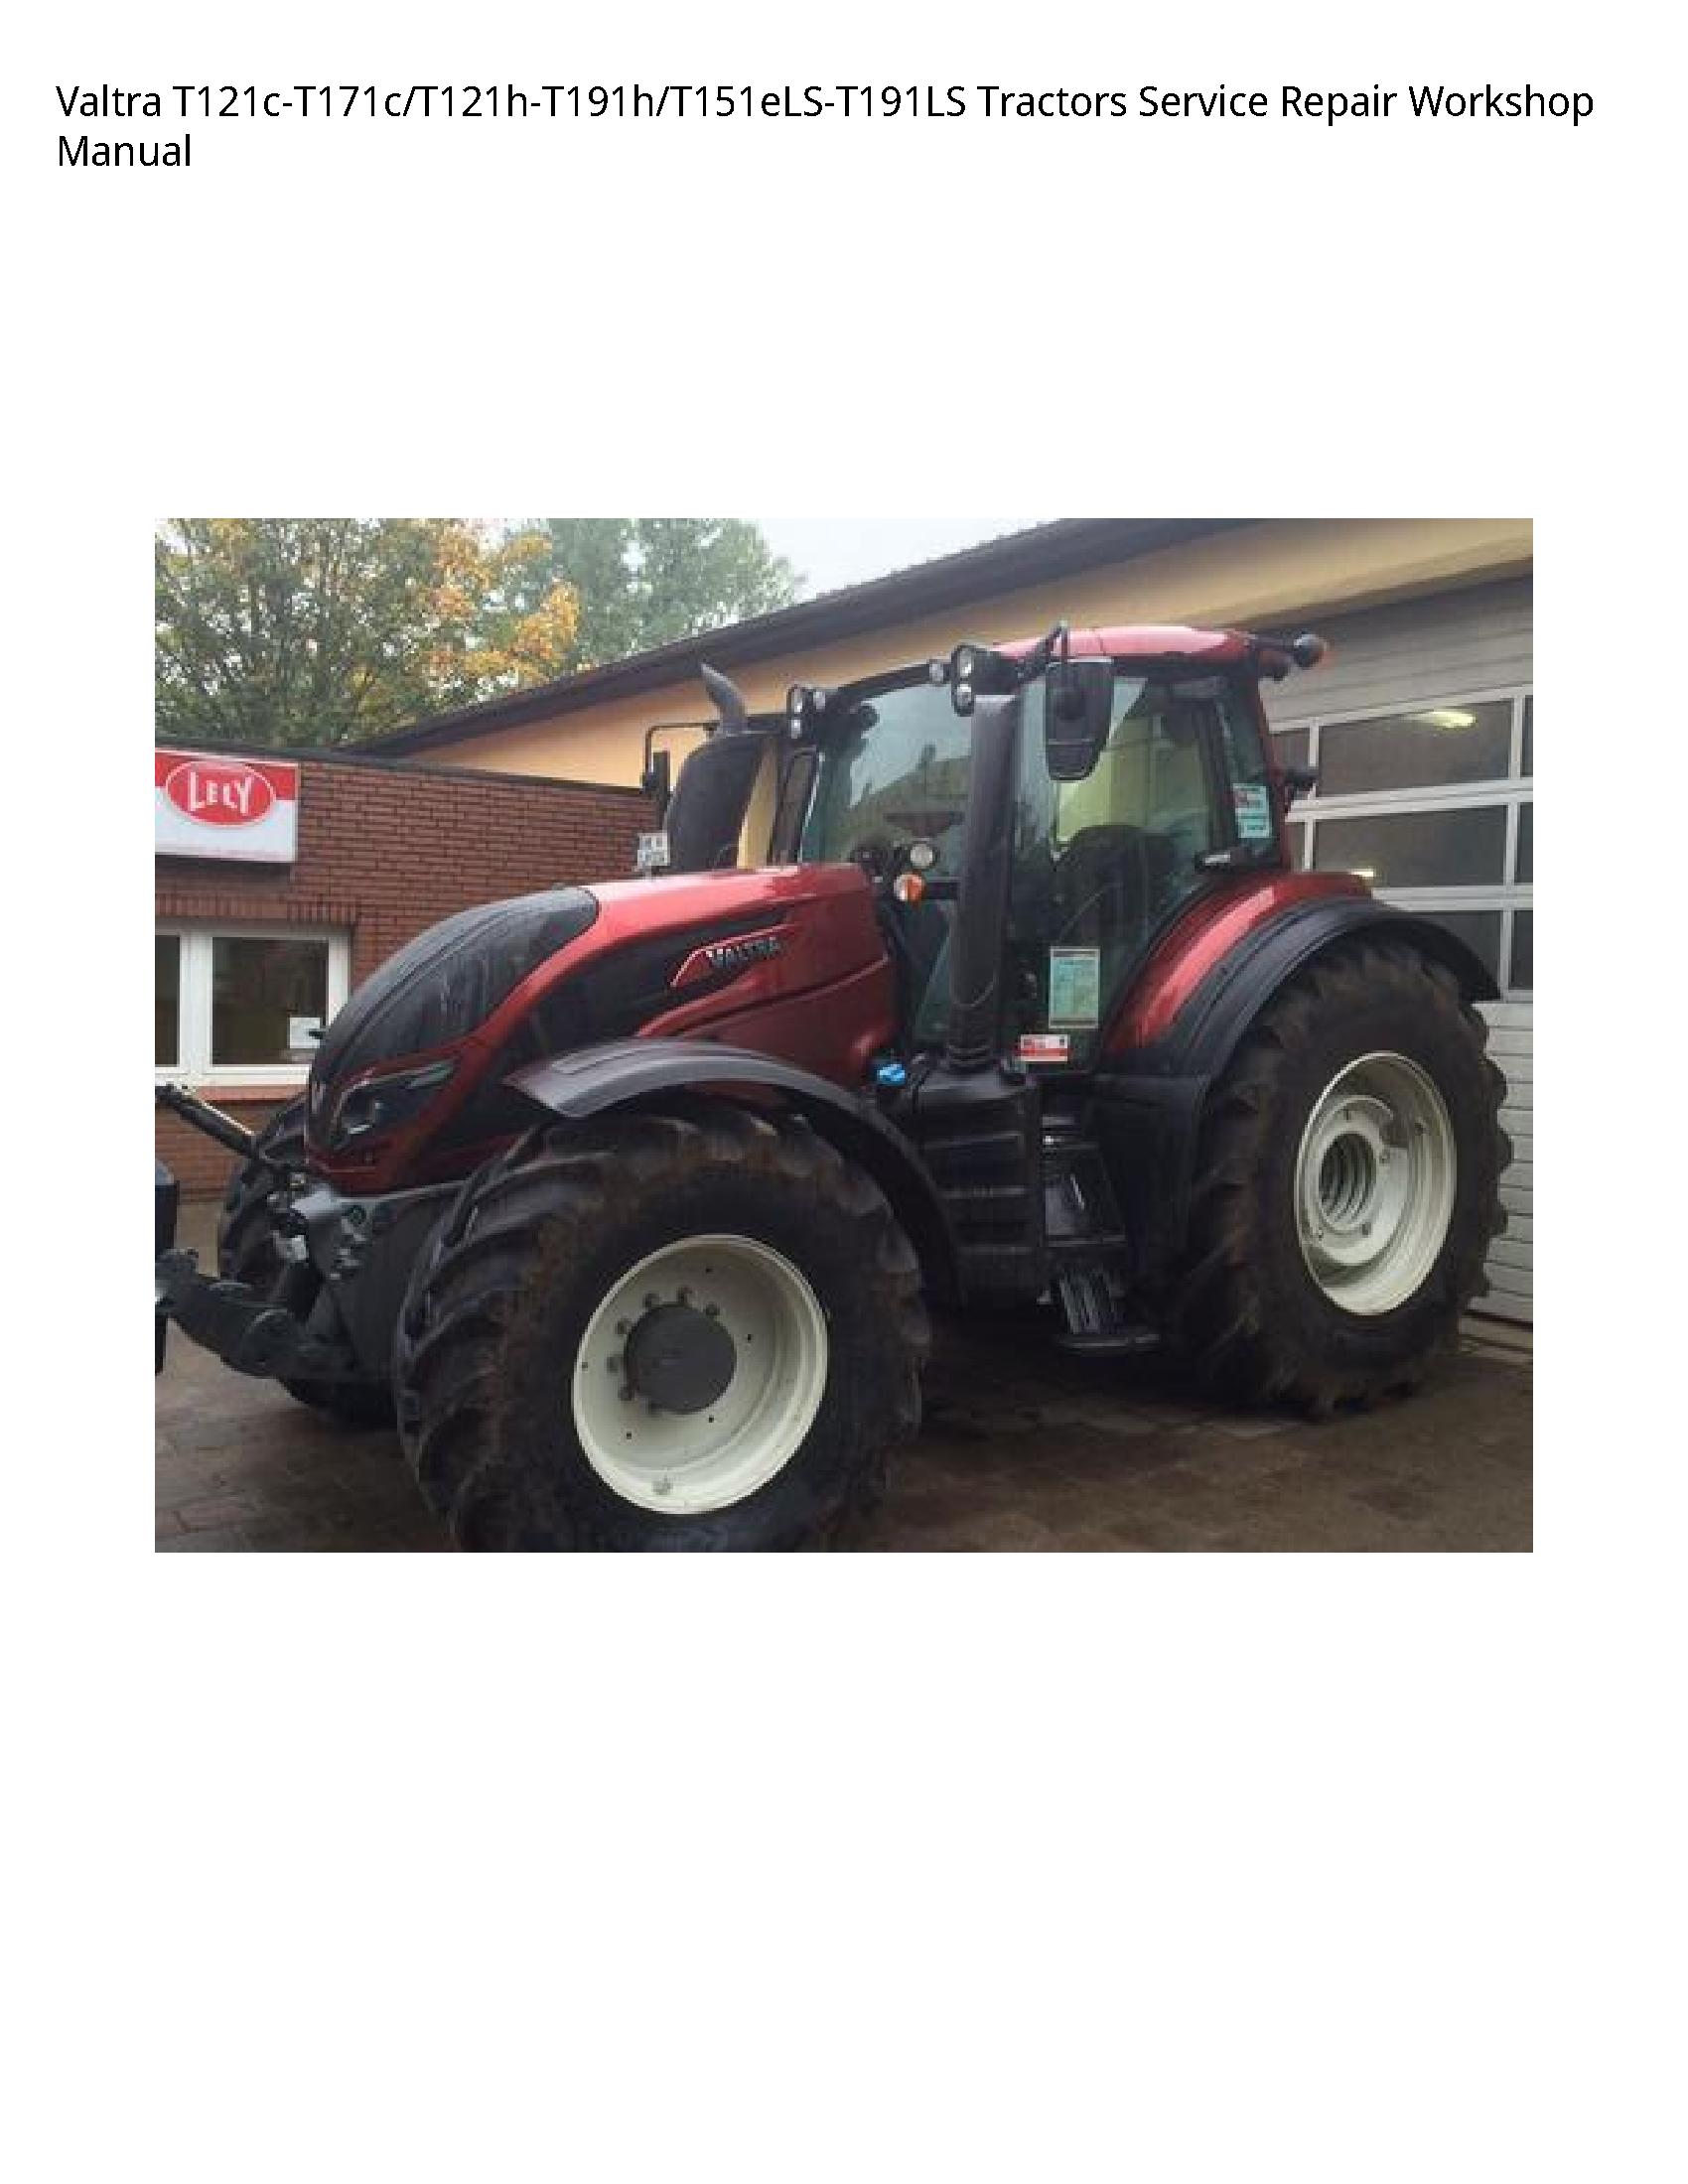 Valtra T121c-T171c Tractors manual